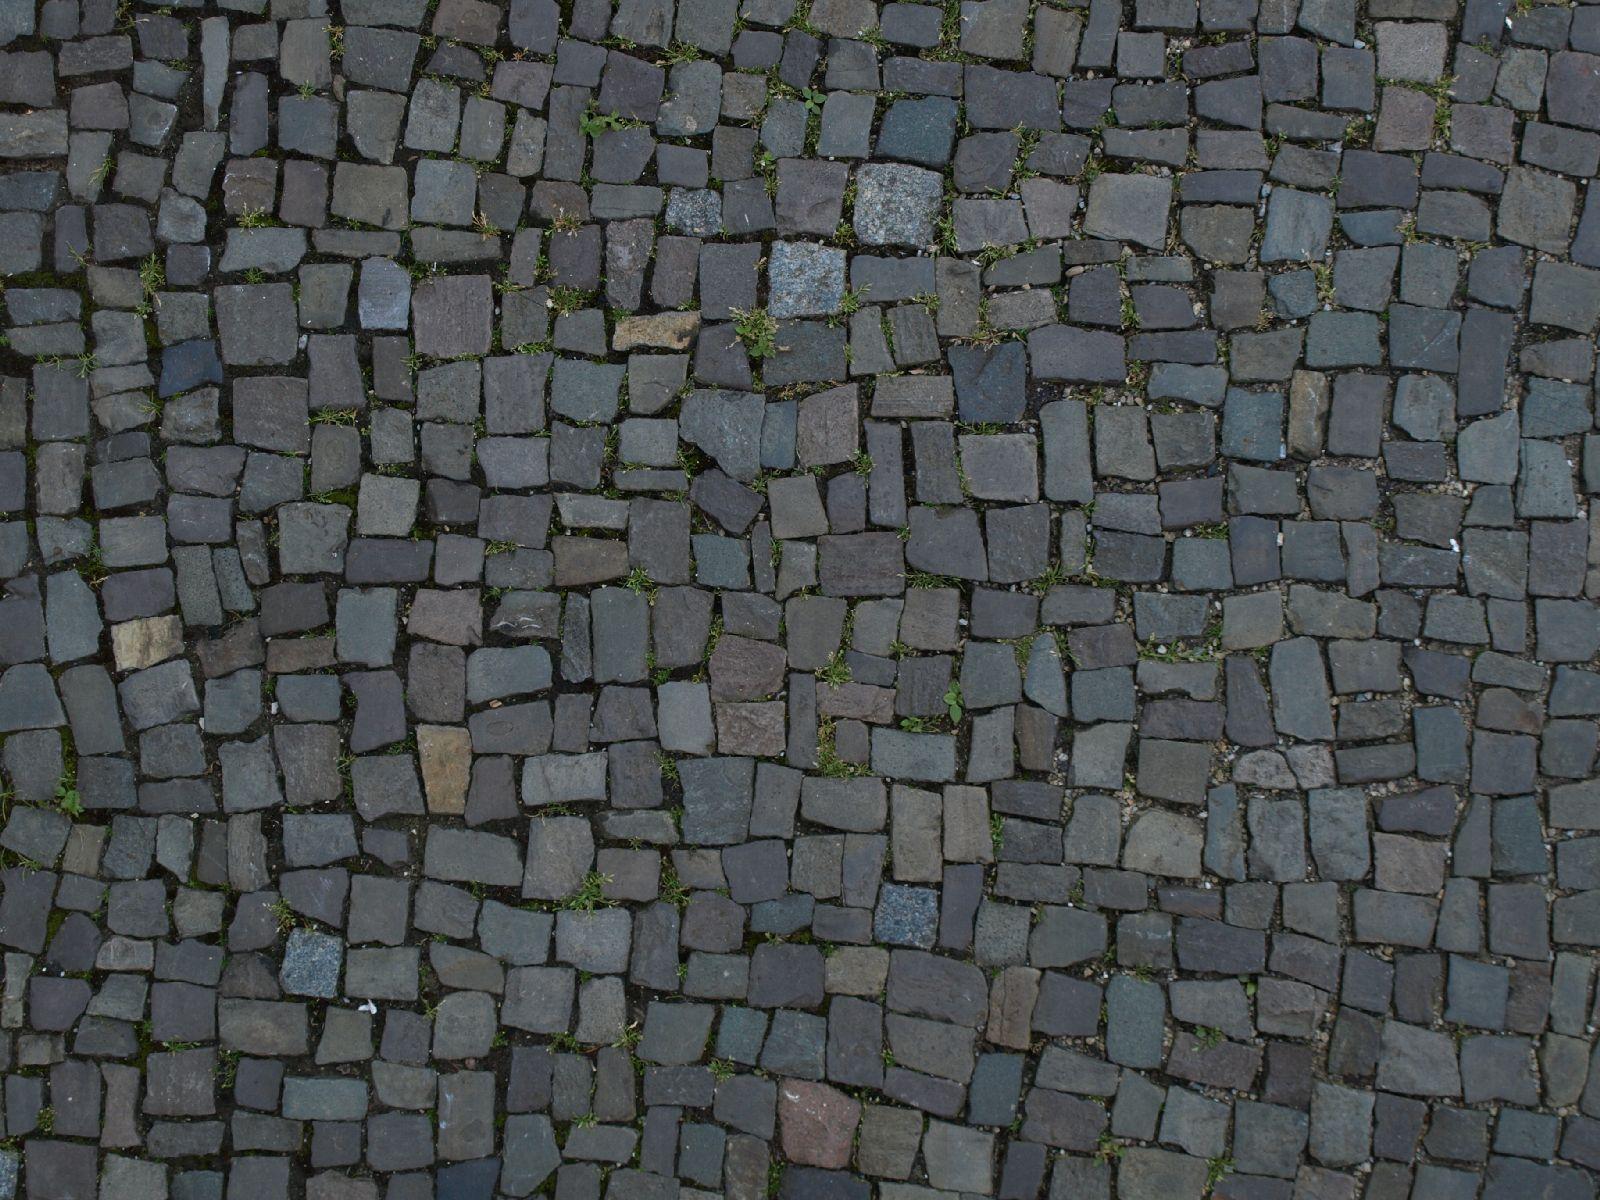 Ground-Urban_Texture_A_P8164431